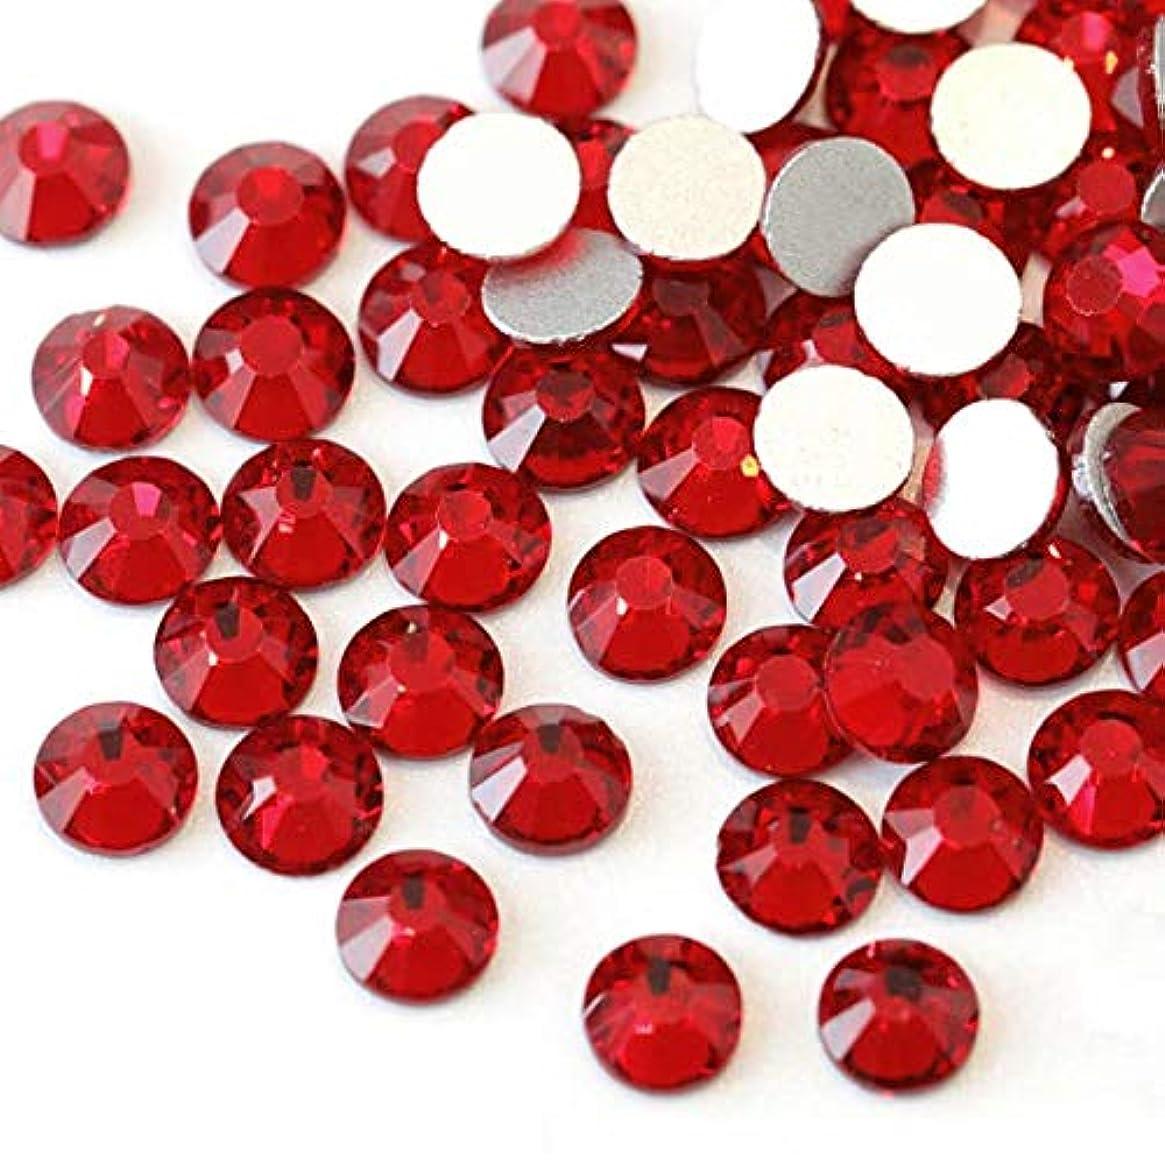 保護富豪舗装する【ラインストーン77】高品質ガラス製ラインストーン 色/サイズ選択可 SS3~SS50 スワロフスキー同等 (シャム, SS4:約1.5mm(約200粒))